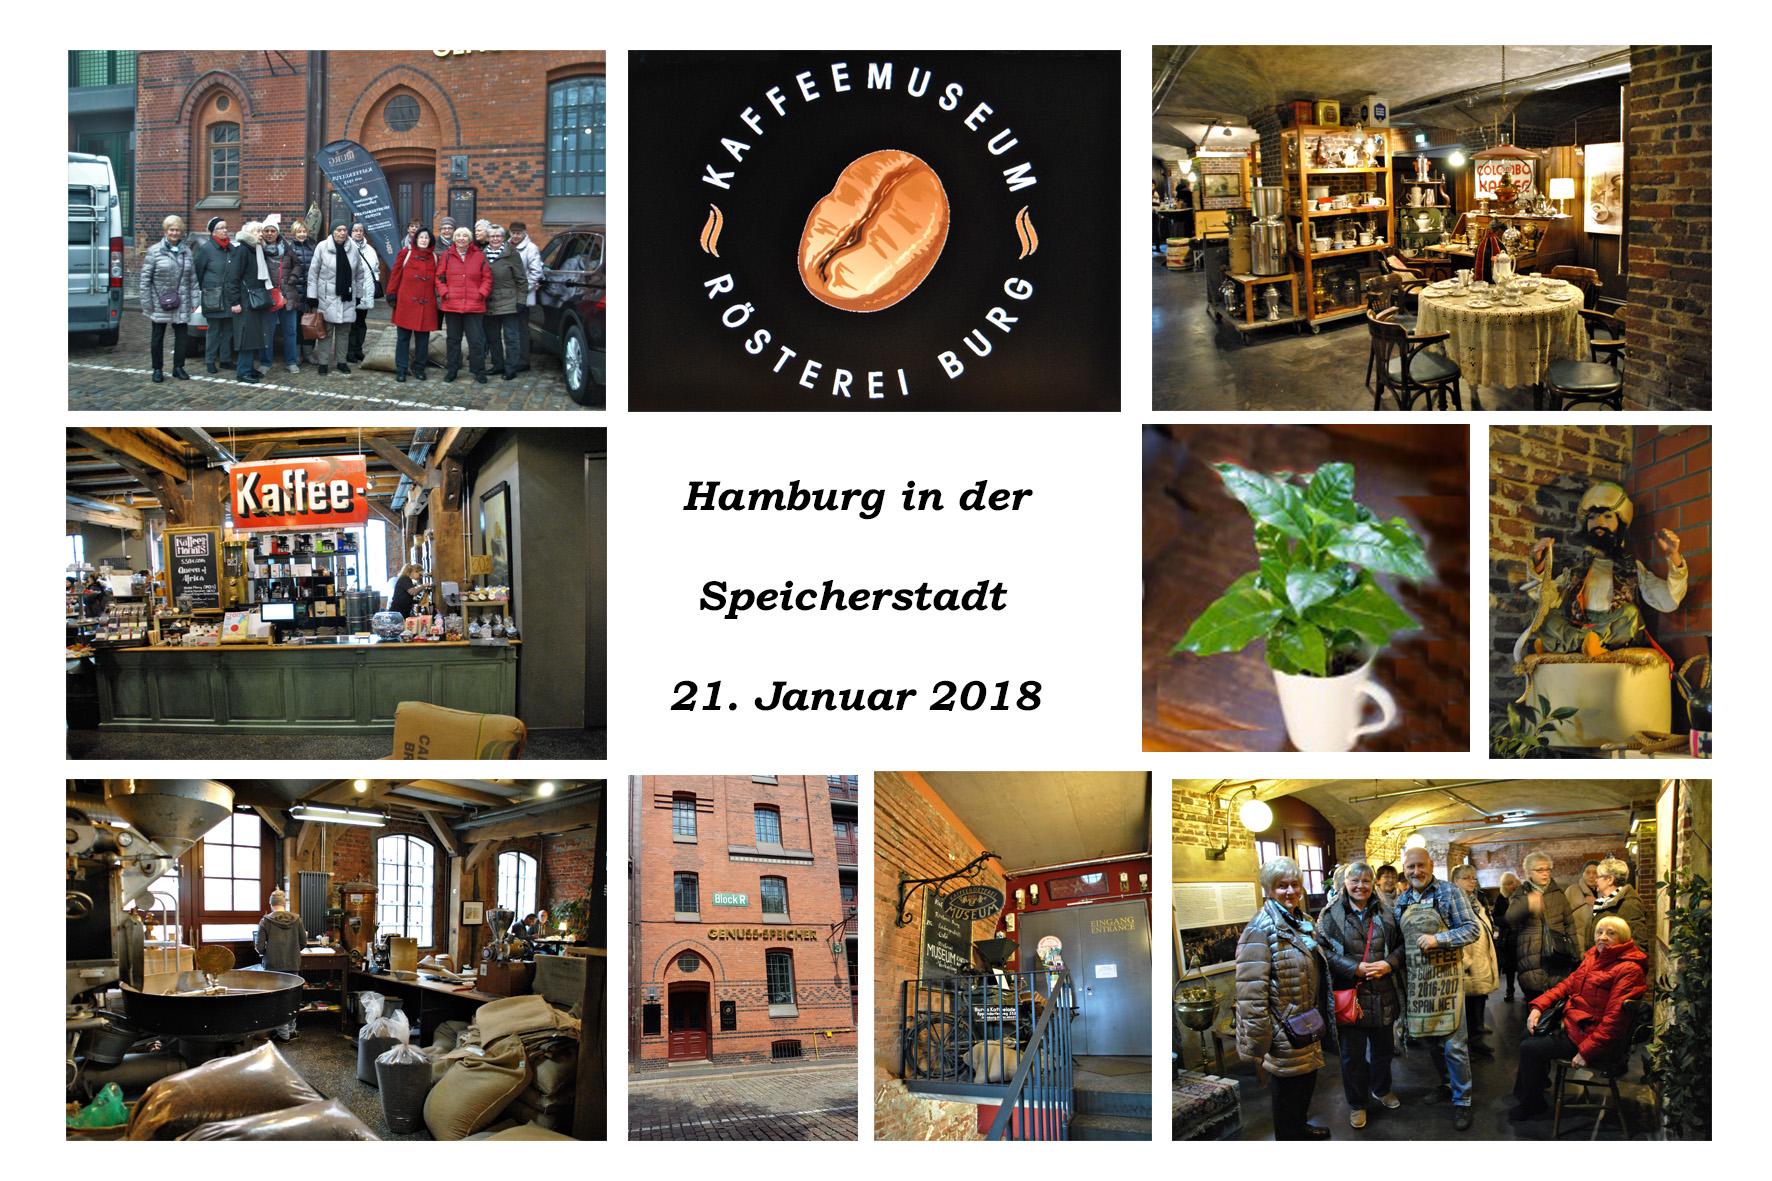 NeNo/Glashütte 2: Hamburg in der Speicherstadt, 21.01.2018 (Fotos: Tom)